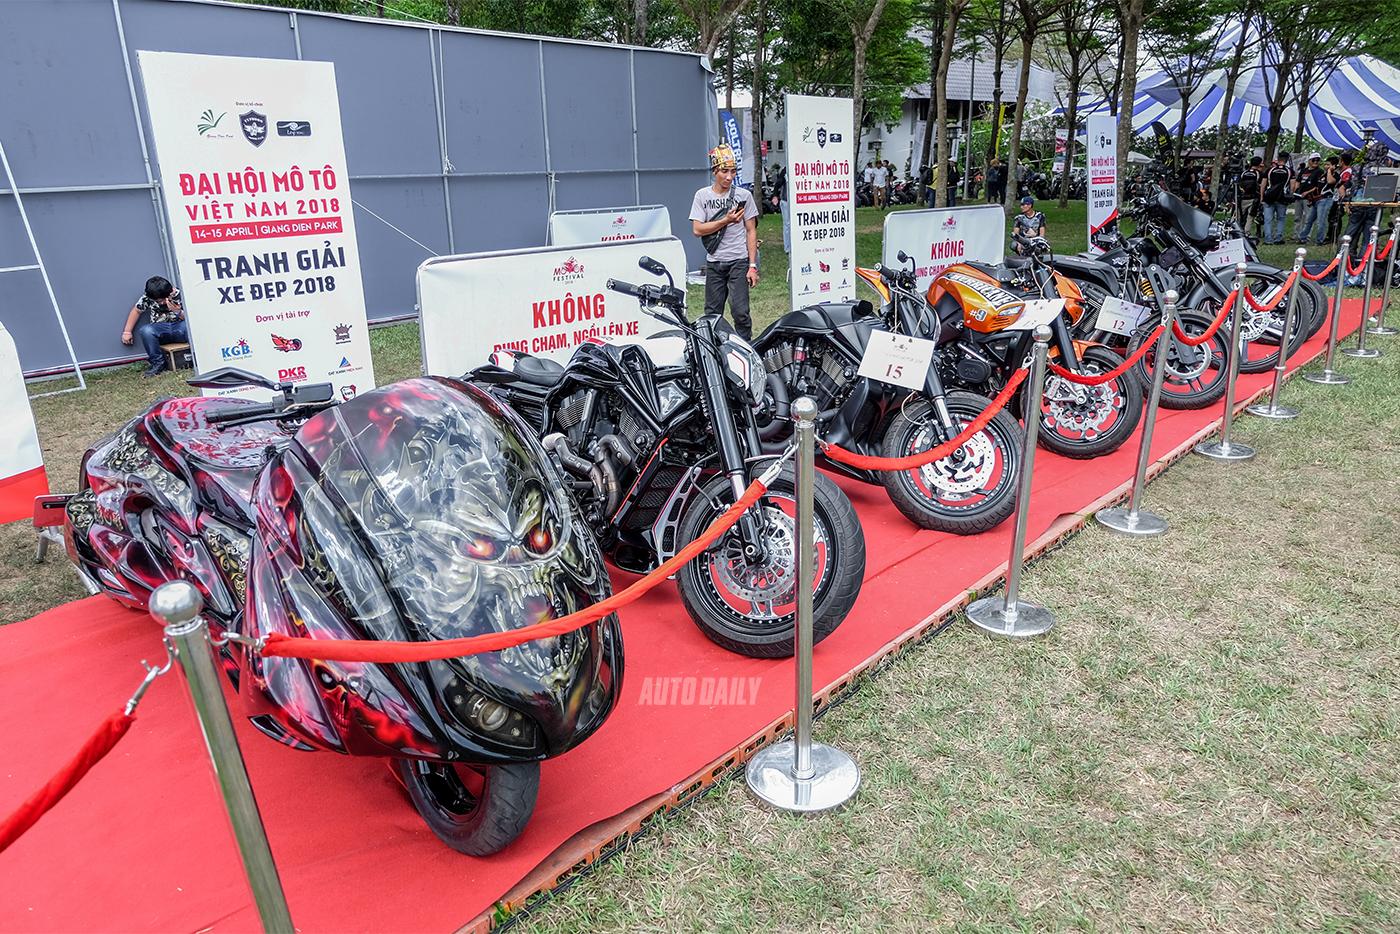 vietnam-motor-festival-2018-13.jpg